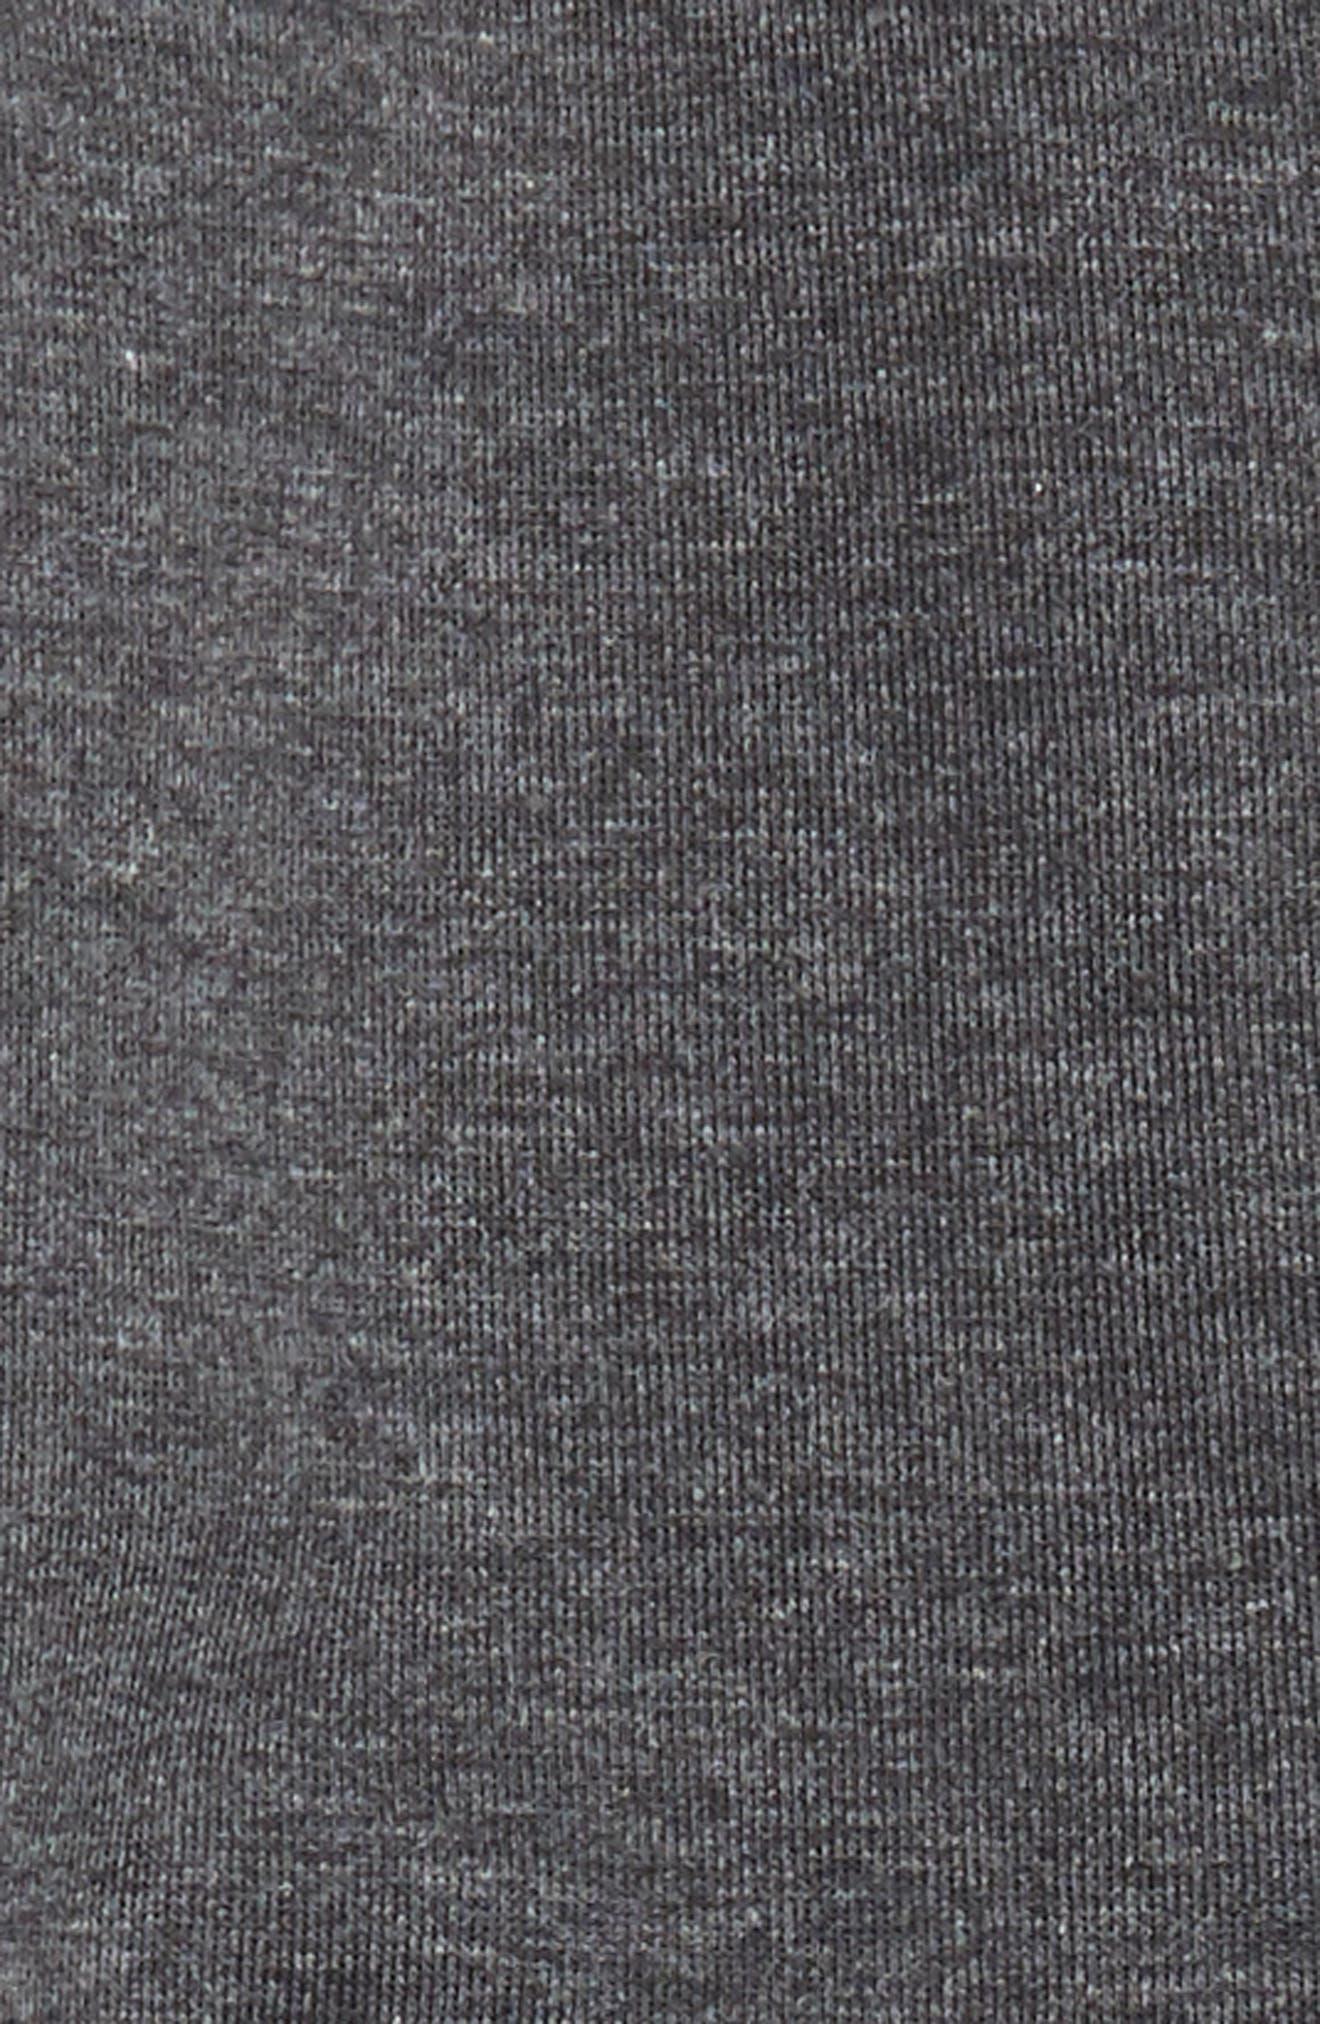 Sportswear Tech Fleece Bomber Jacket,                             Alternate thumbnail 2, color,                             001